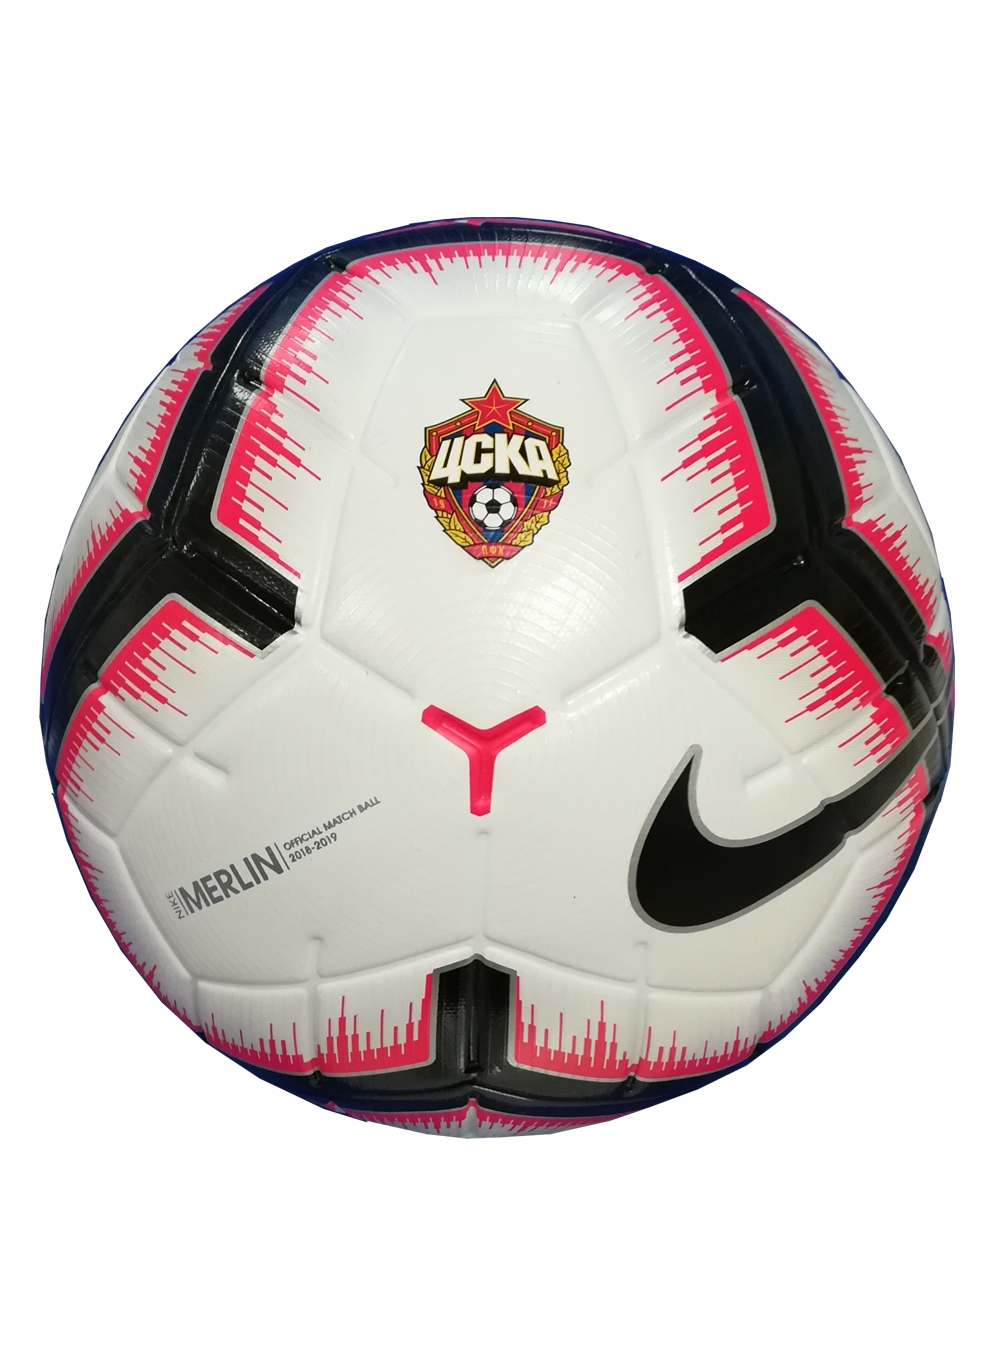 Мяч футбольный Nike РПЛ Merlin белый/красный/чёрный с эмблемой ПФК ЦСКА